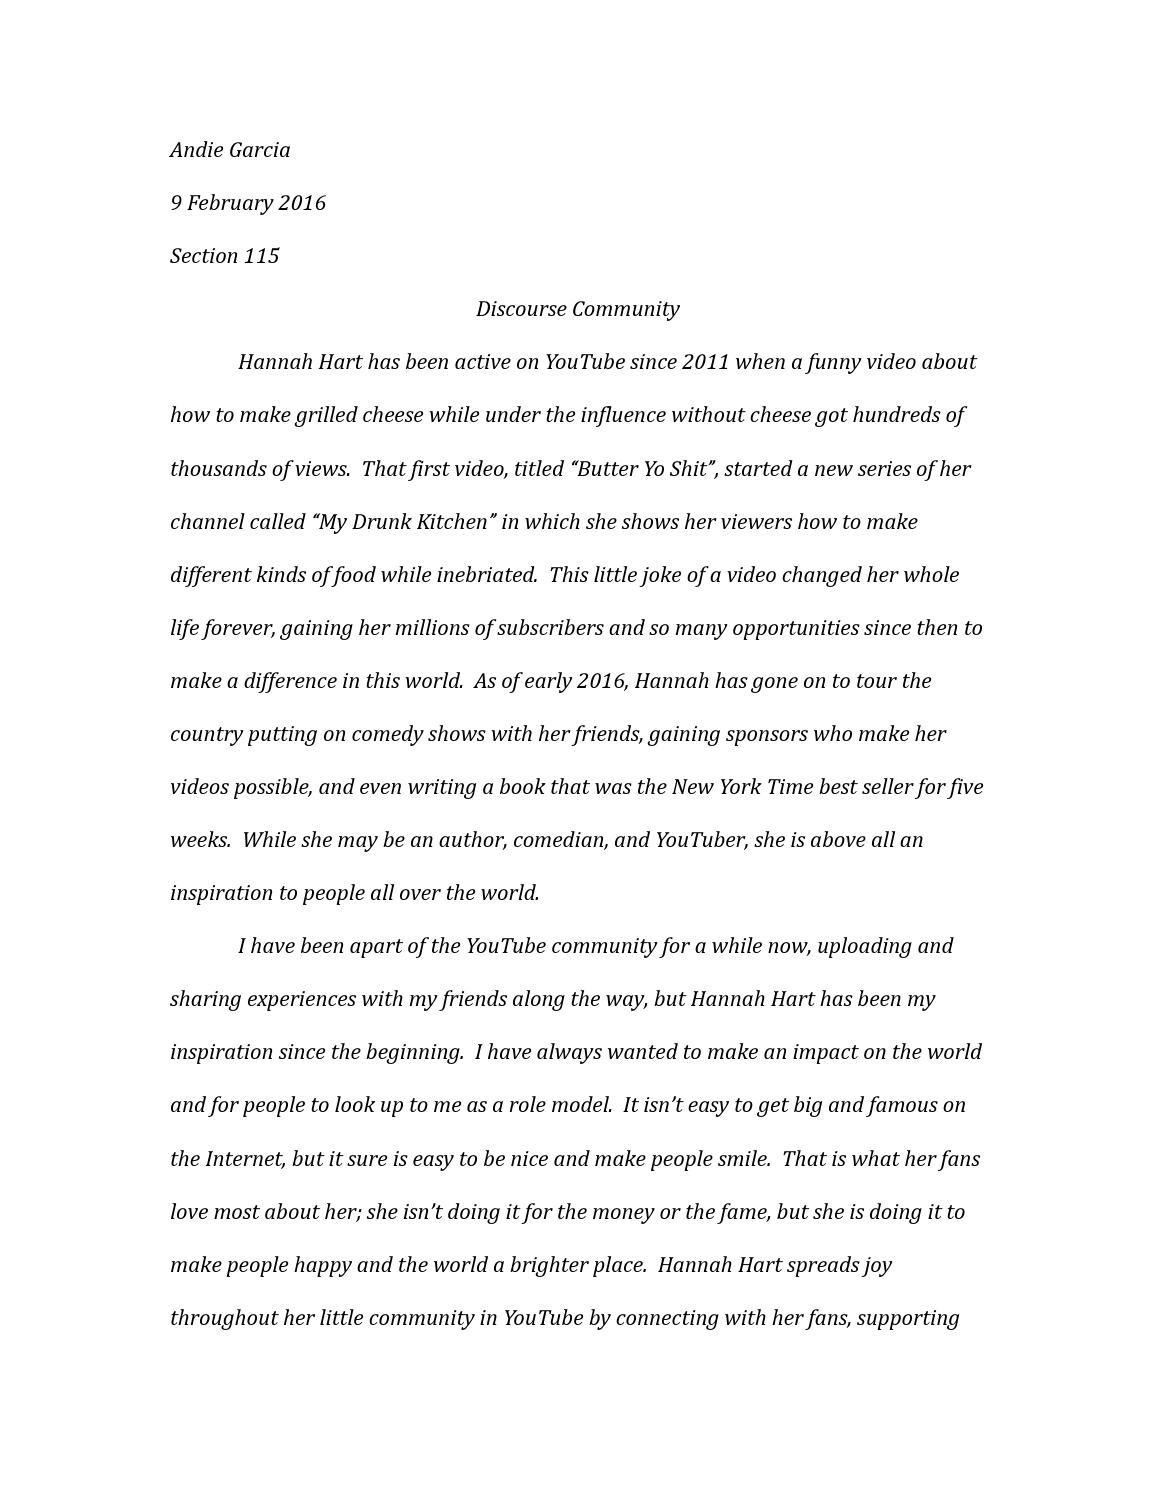 Premarital sex essay tagalog